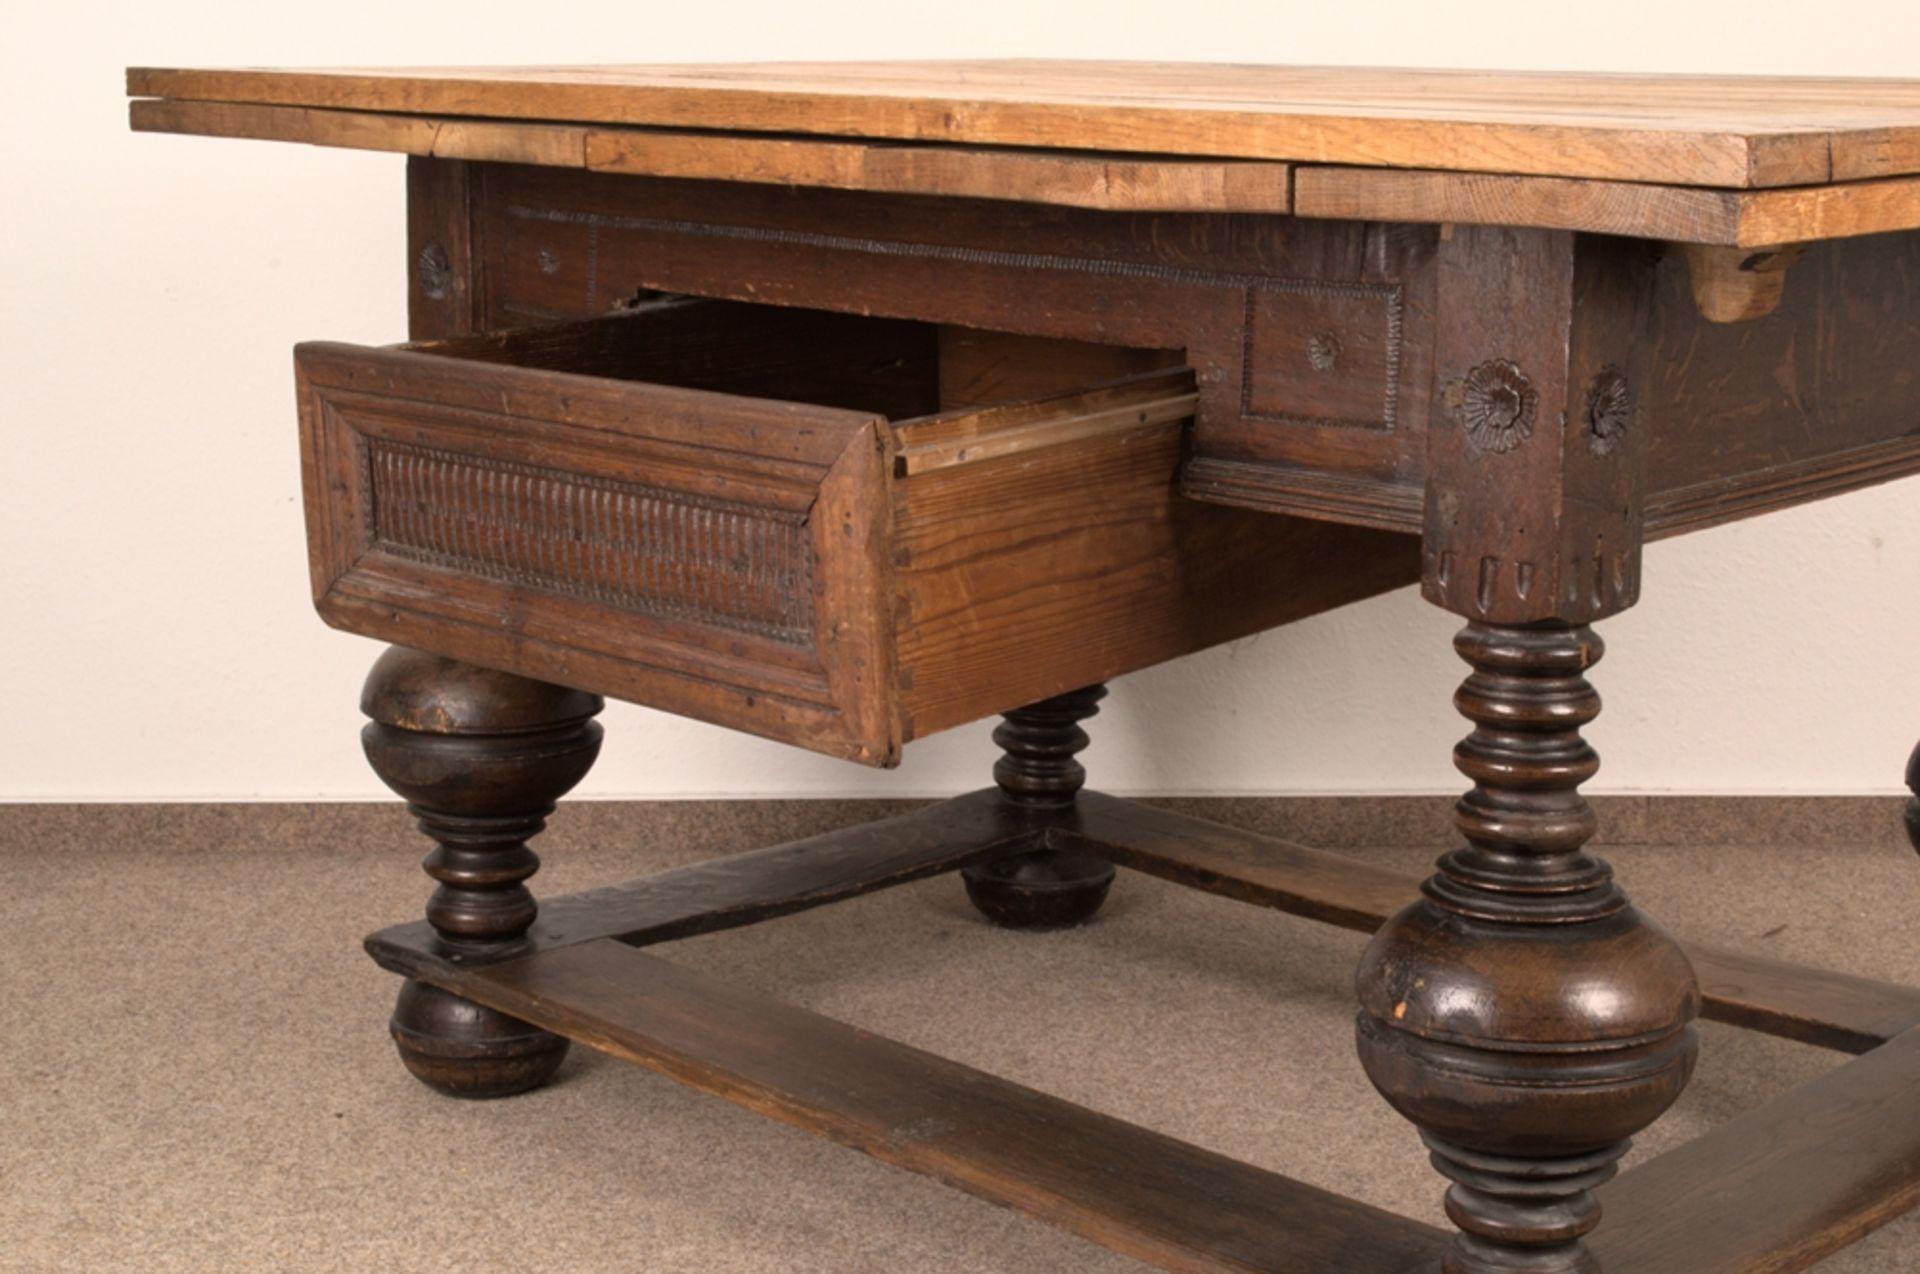 Großer Auszugstisch, Franken um 1730/50. Querverstrebter Tischunterbau mit kräftigen Balusterbeinen, - Bild 18 aus 36